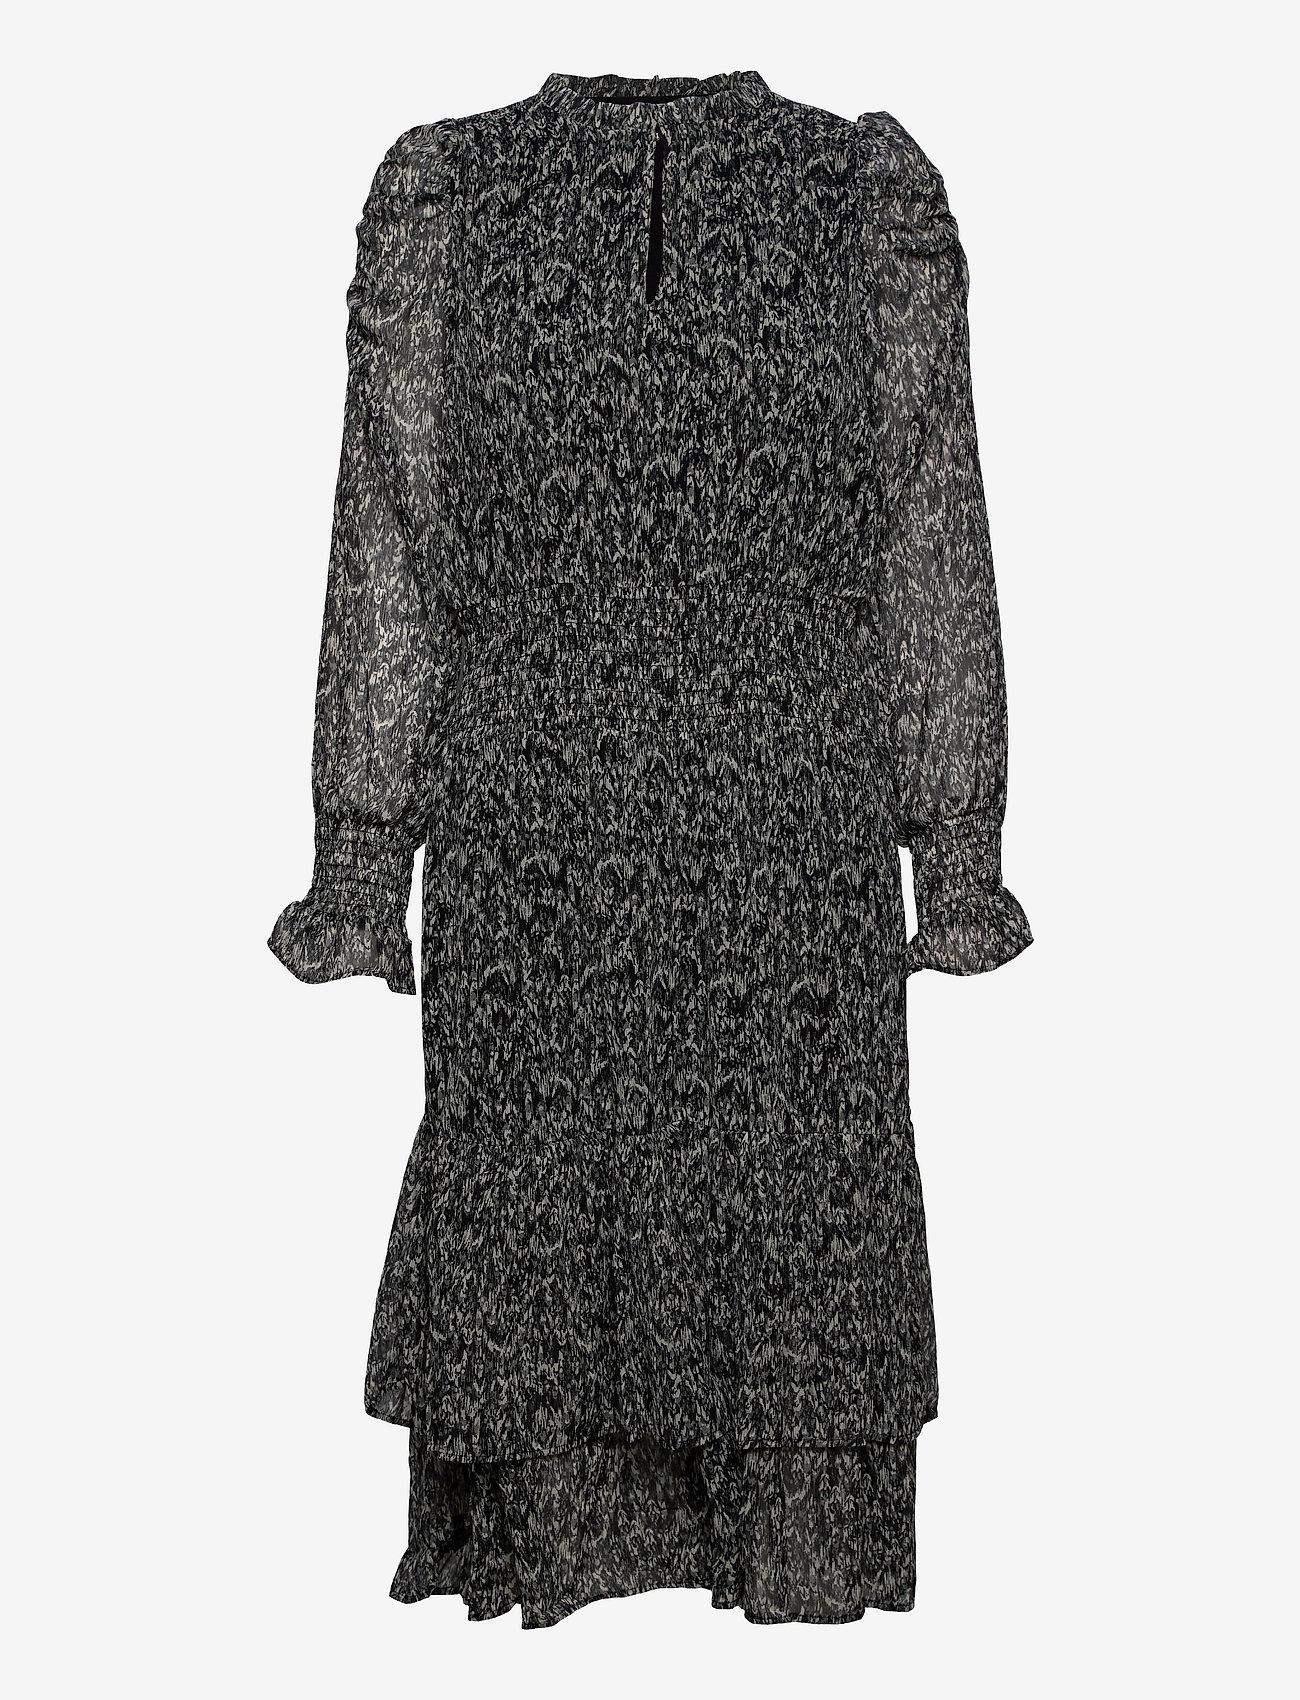 Sofie Schnoor - Dress - sommerkjoler - black - 0